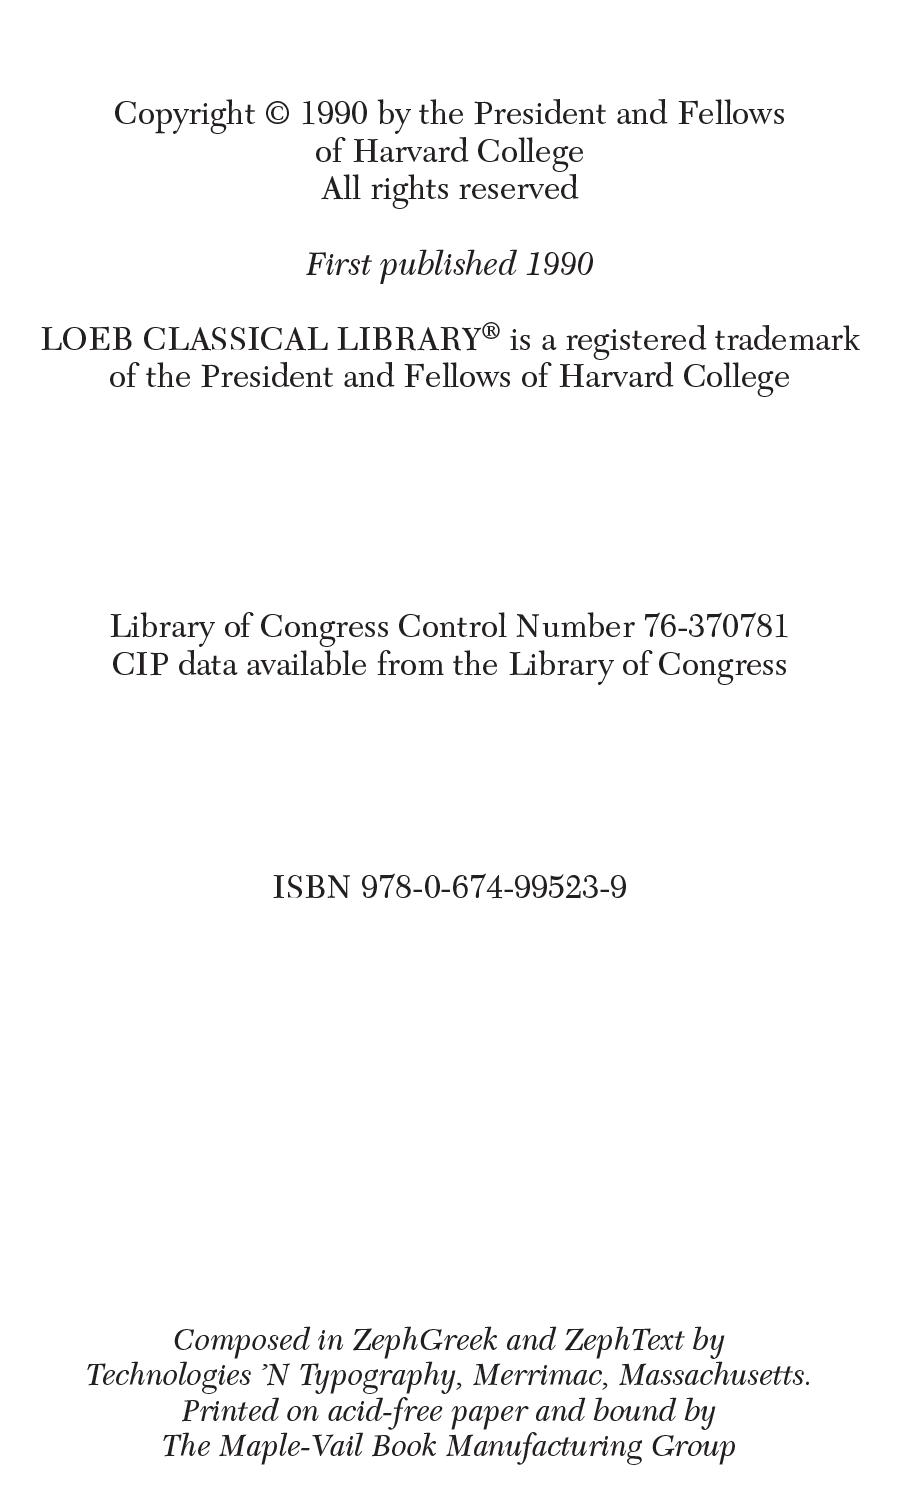 Books 5-6 De Causis Plantarum Volume III